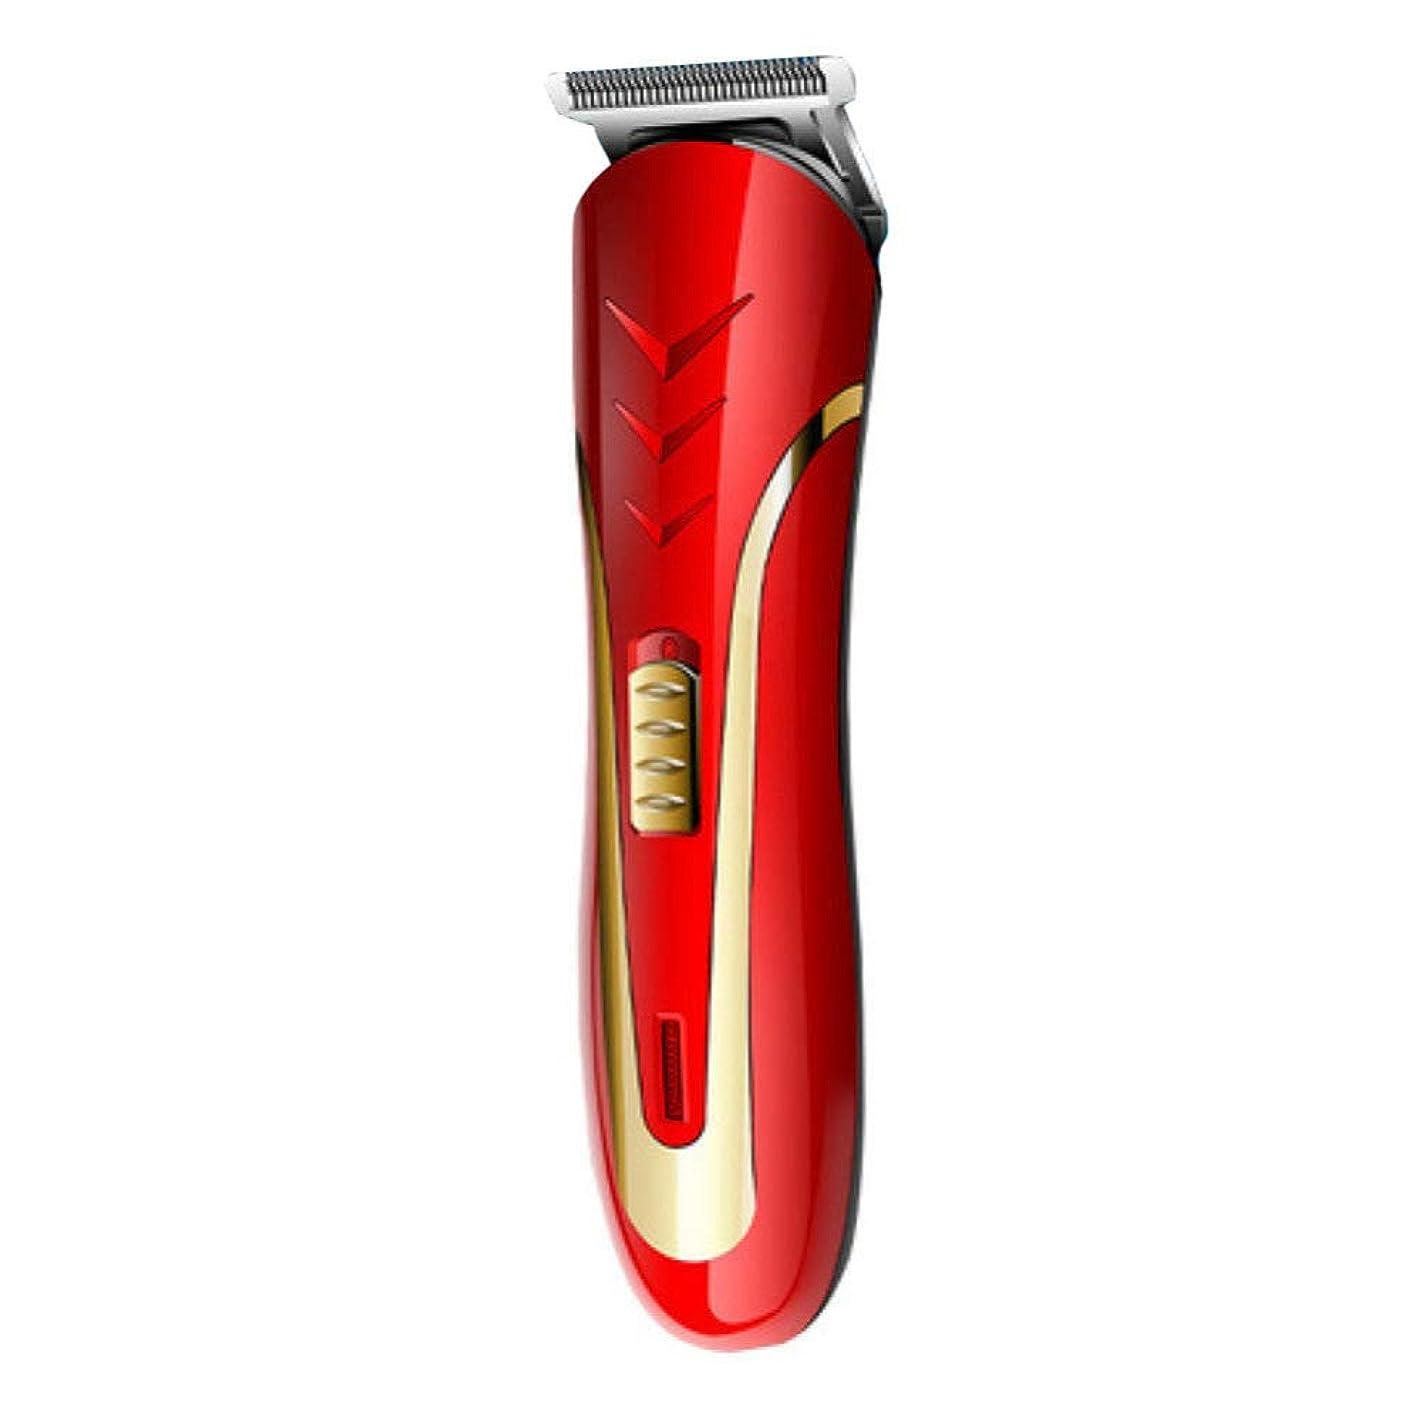 ビリーインタビューアラートQINJLI 電気バリカン、シェービング、脱毛、電気のフェーダー、充電式ライト、制限くし 15.7 * 4.1 cm